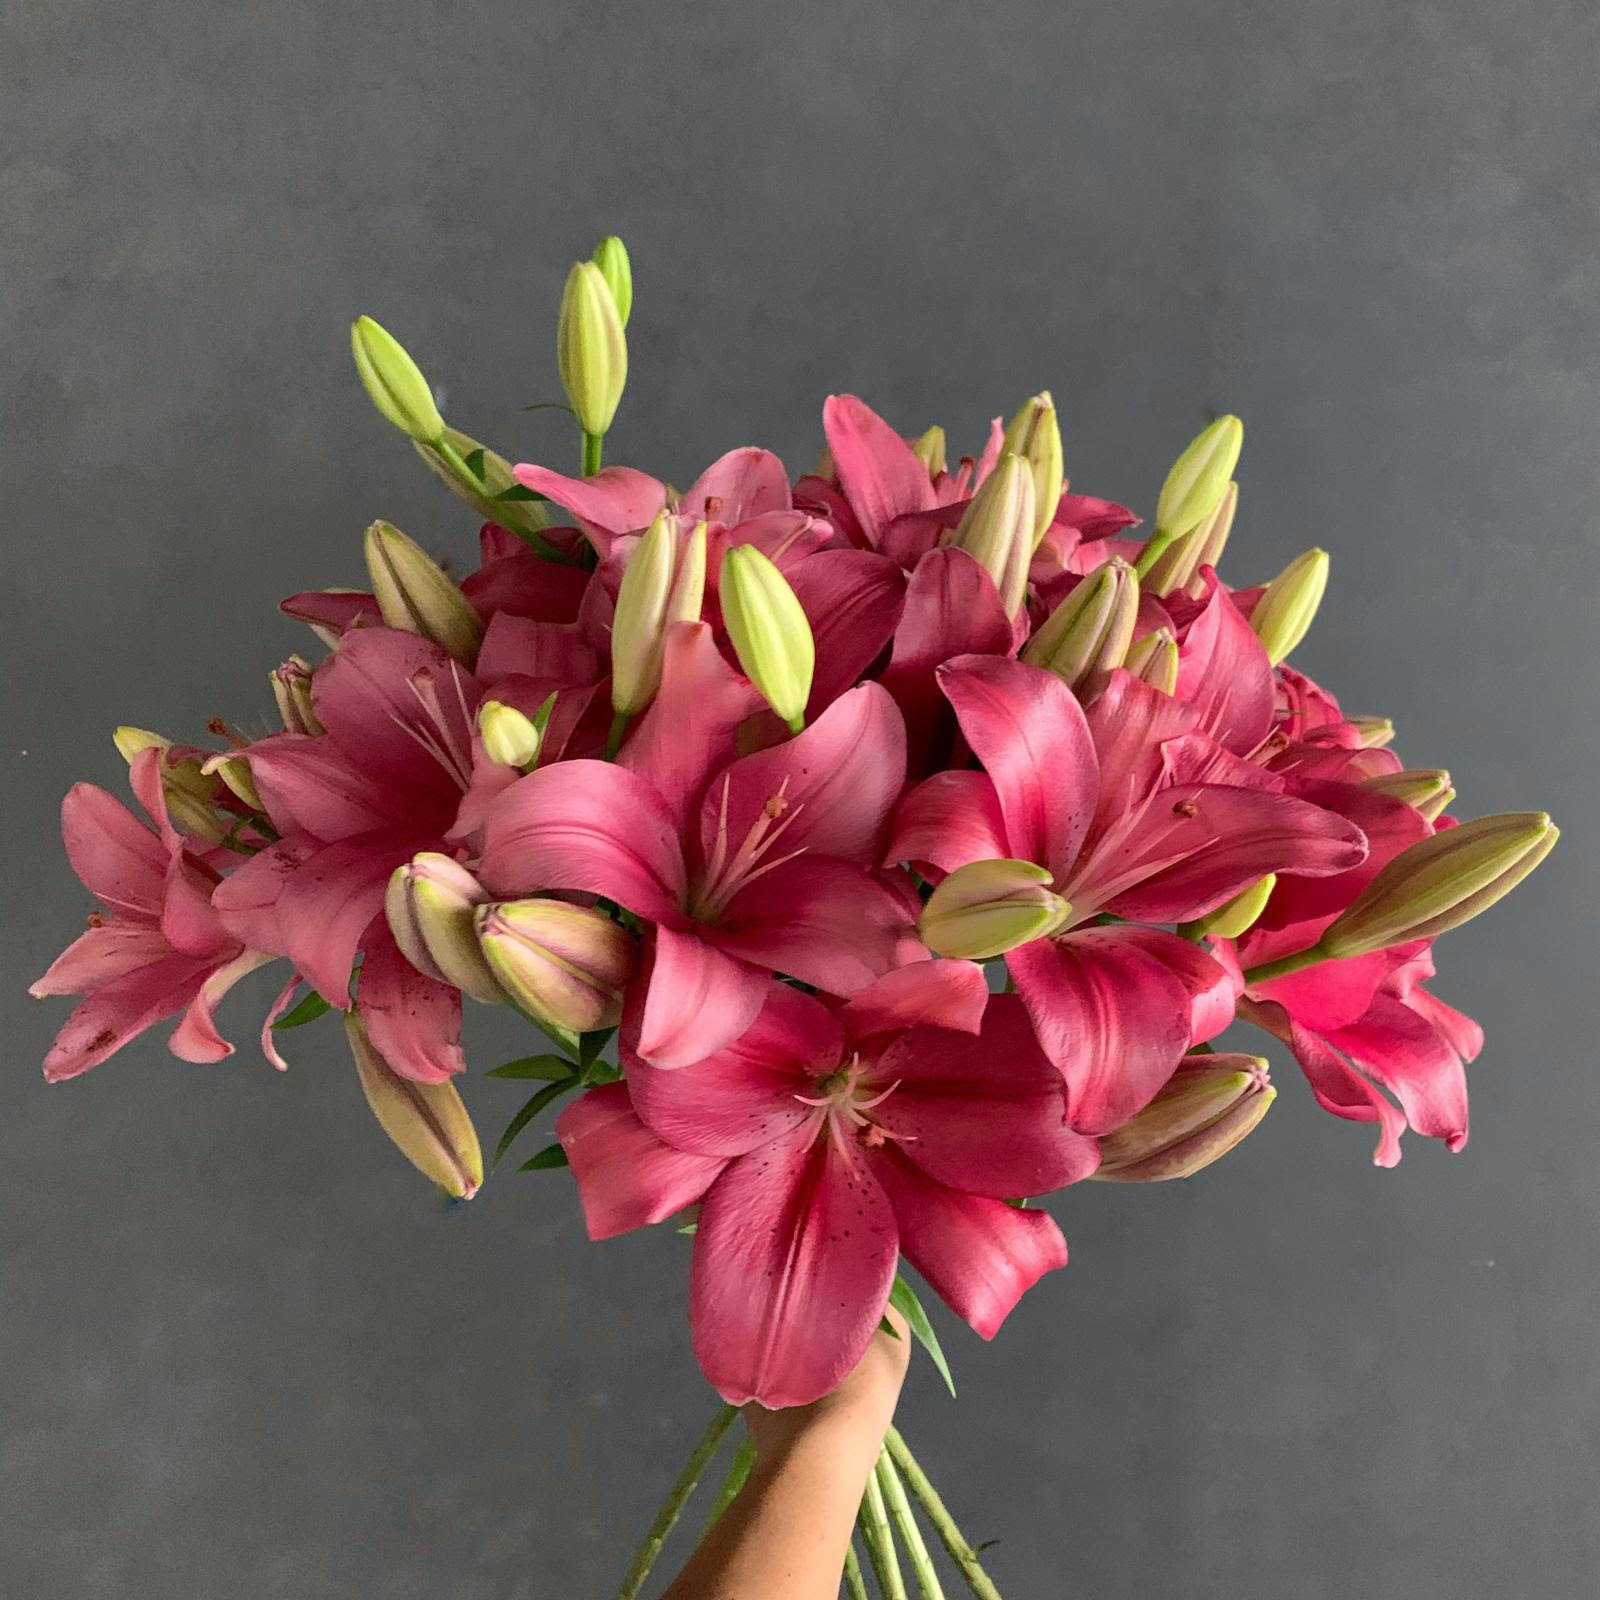 Lillium - Fangio Wholesale Flowers